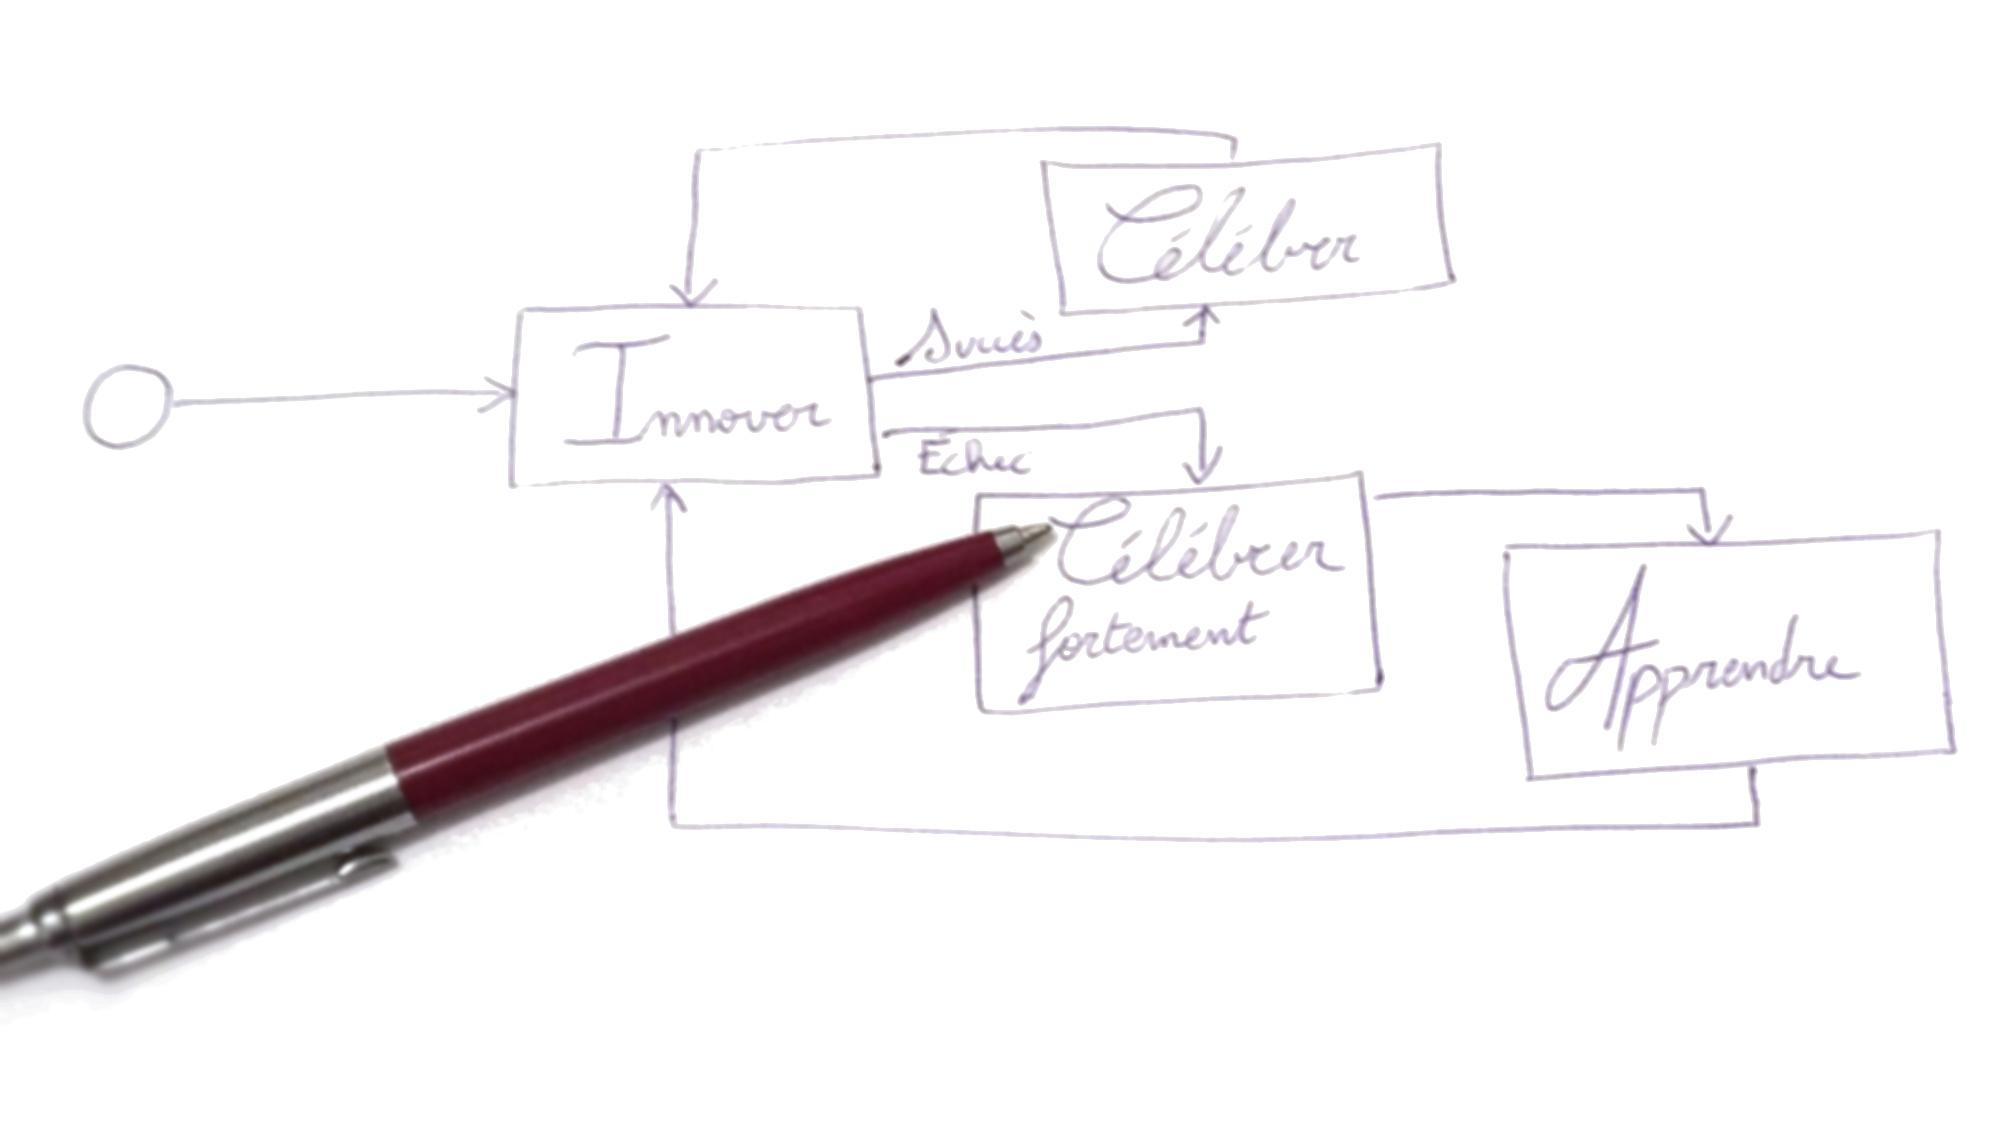 Planifier un projet innovant